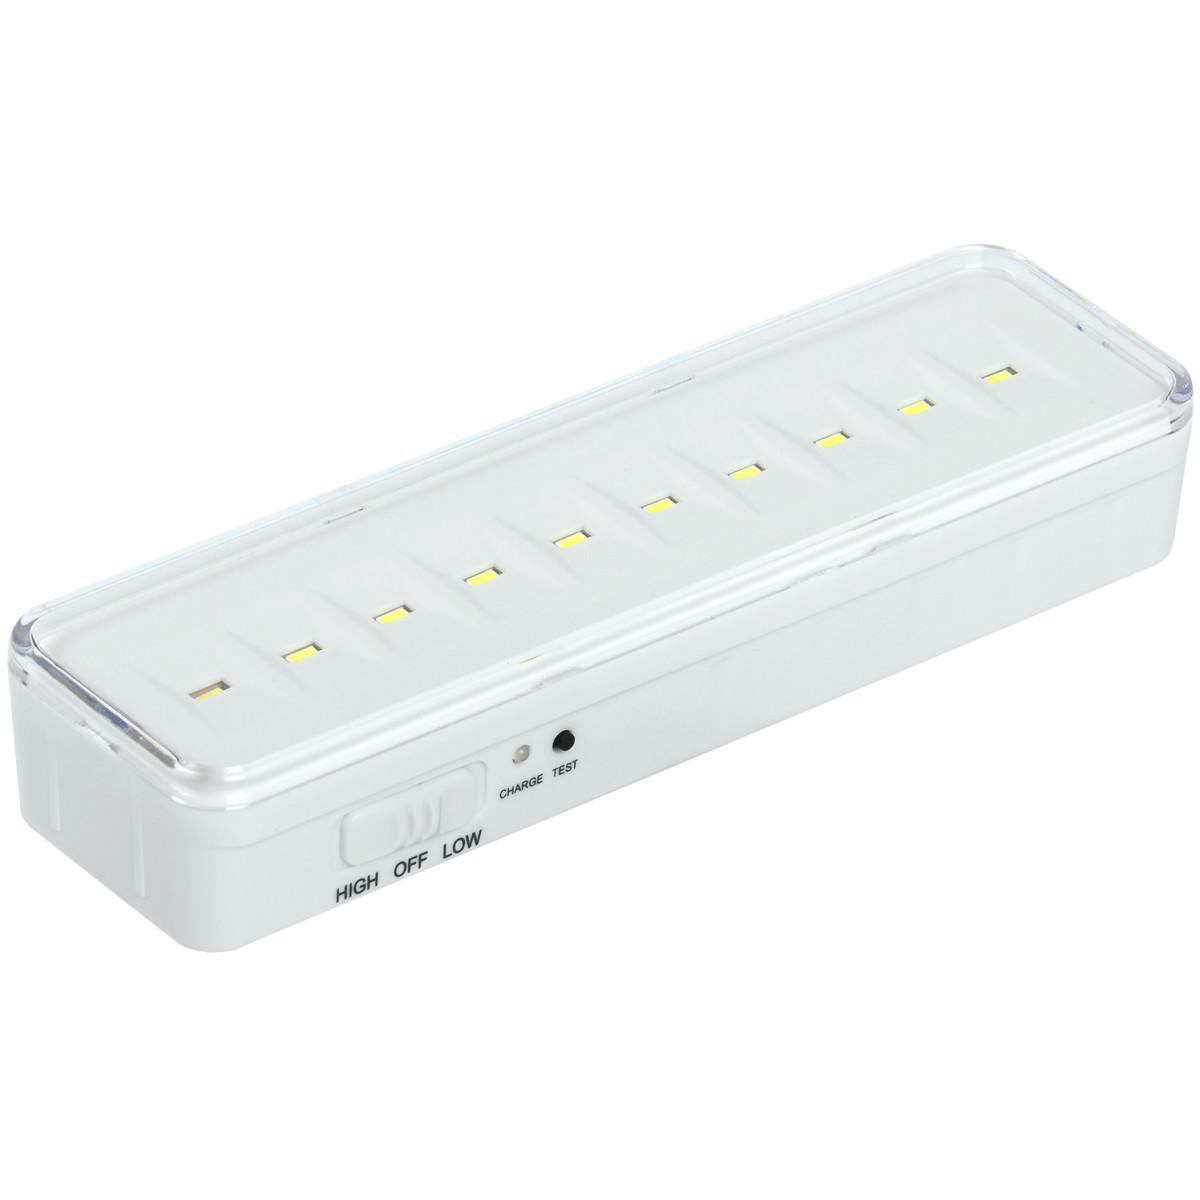 Светильник ЖКХ светодиодный аккумуляторный IEK ДБА 3925 1.5 Вт IP20 накладной прямоугольник цвет белый